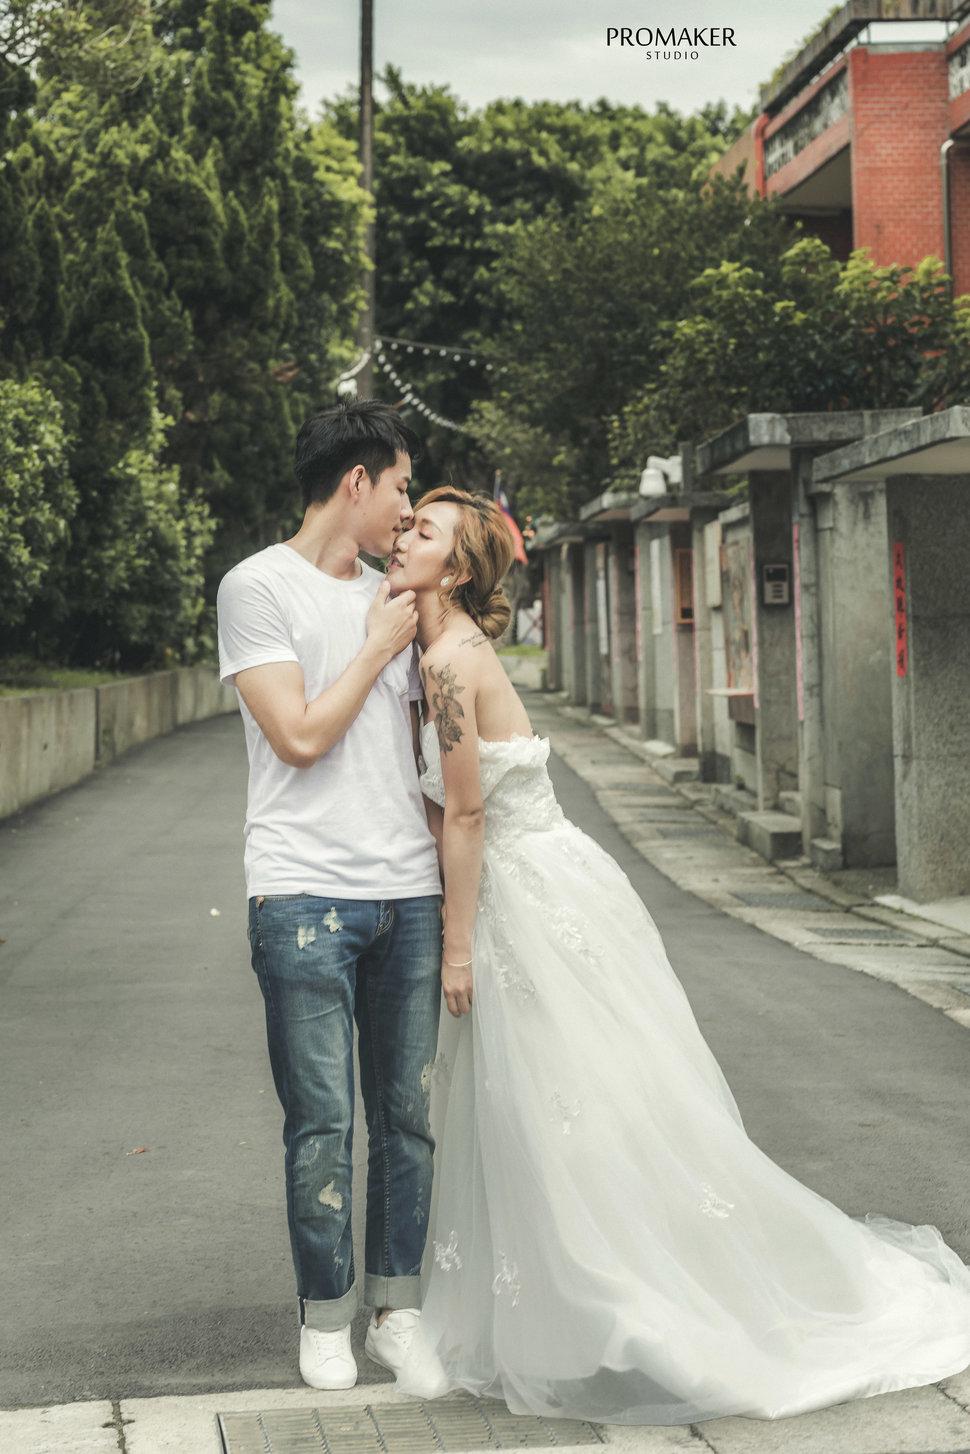 P01_0680 - Promaker婚禮紀錄攝影團隊婚攝豪哥《結婚吧》